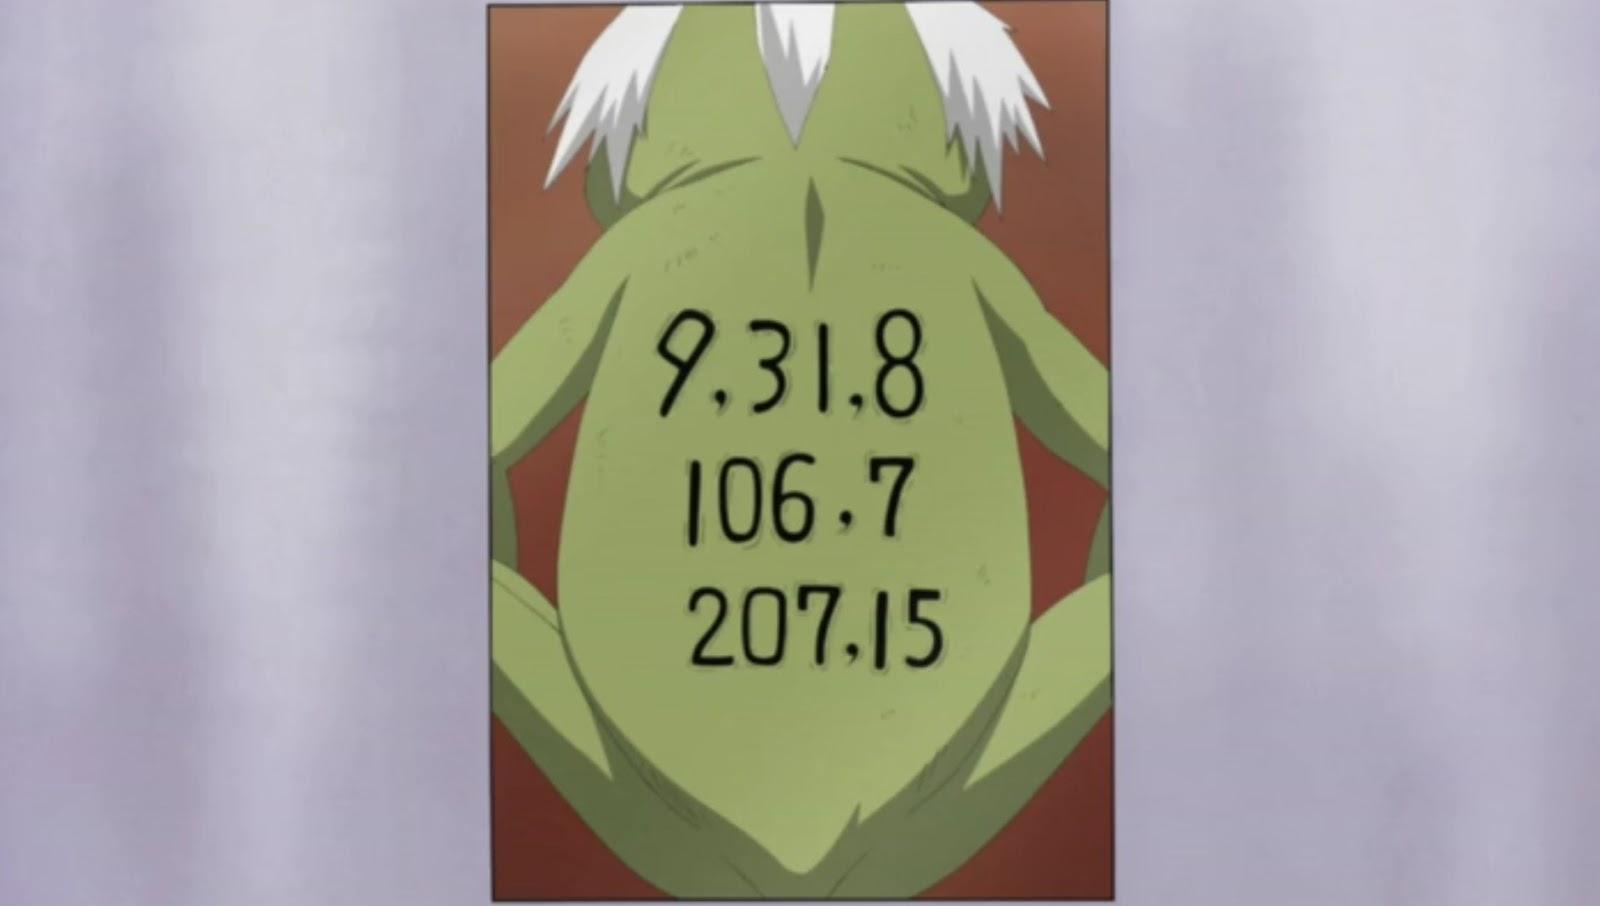 Naruto Shippuden Episódio 154, Assistir Naruto Shippuden Episódio 154, Assistir Naruto Shippuden Todos os Episódios Legendado, Naruto Shippuden episódio 154,HD